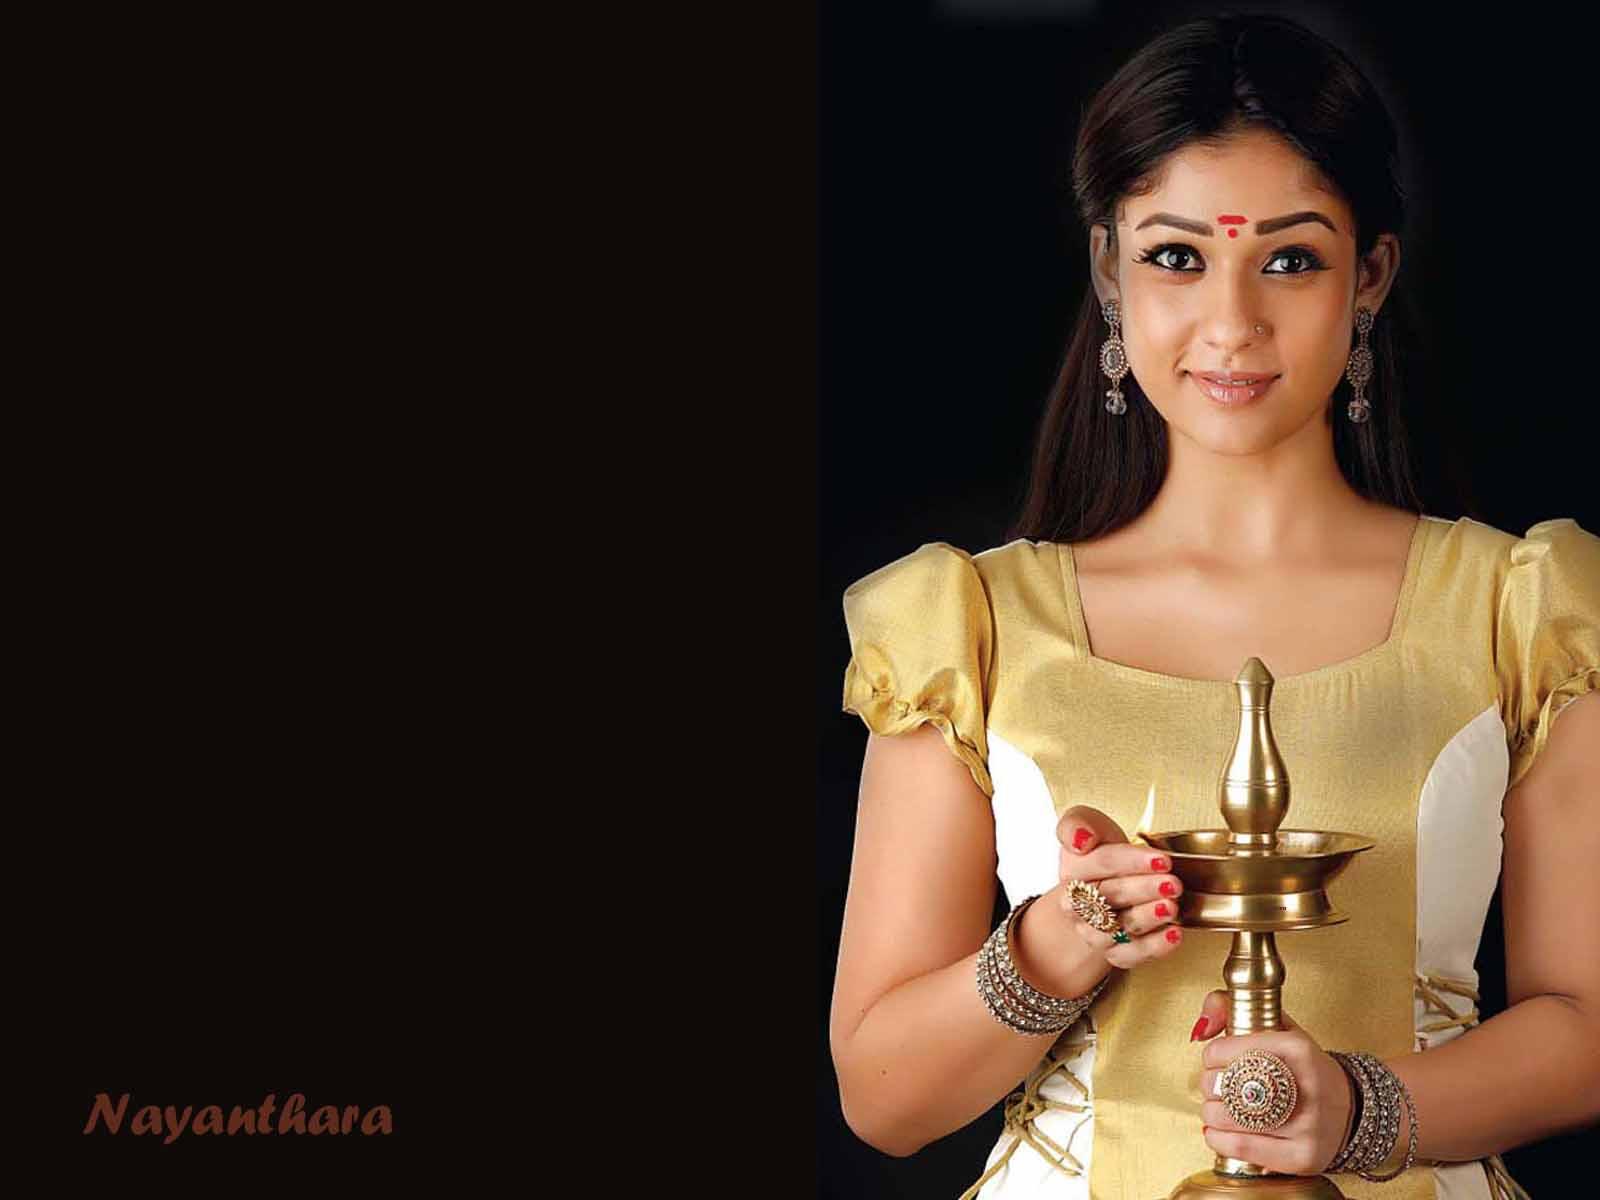 gorgeous actress nayantara wallpapers free download actress nayantara wallpapers free download